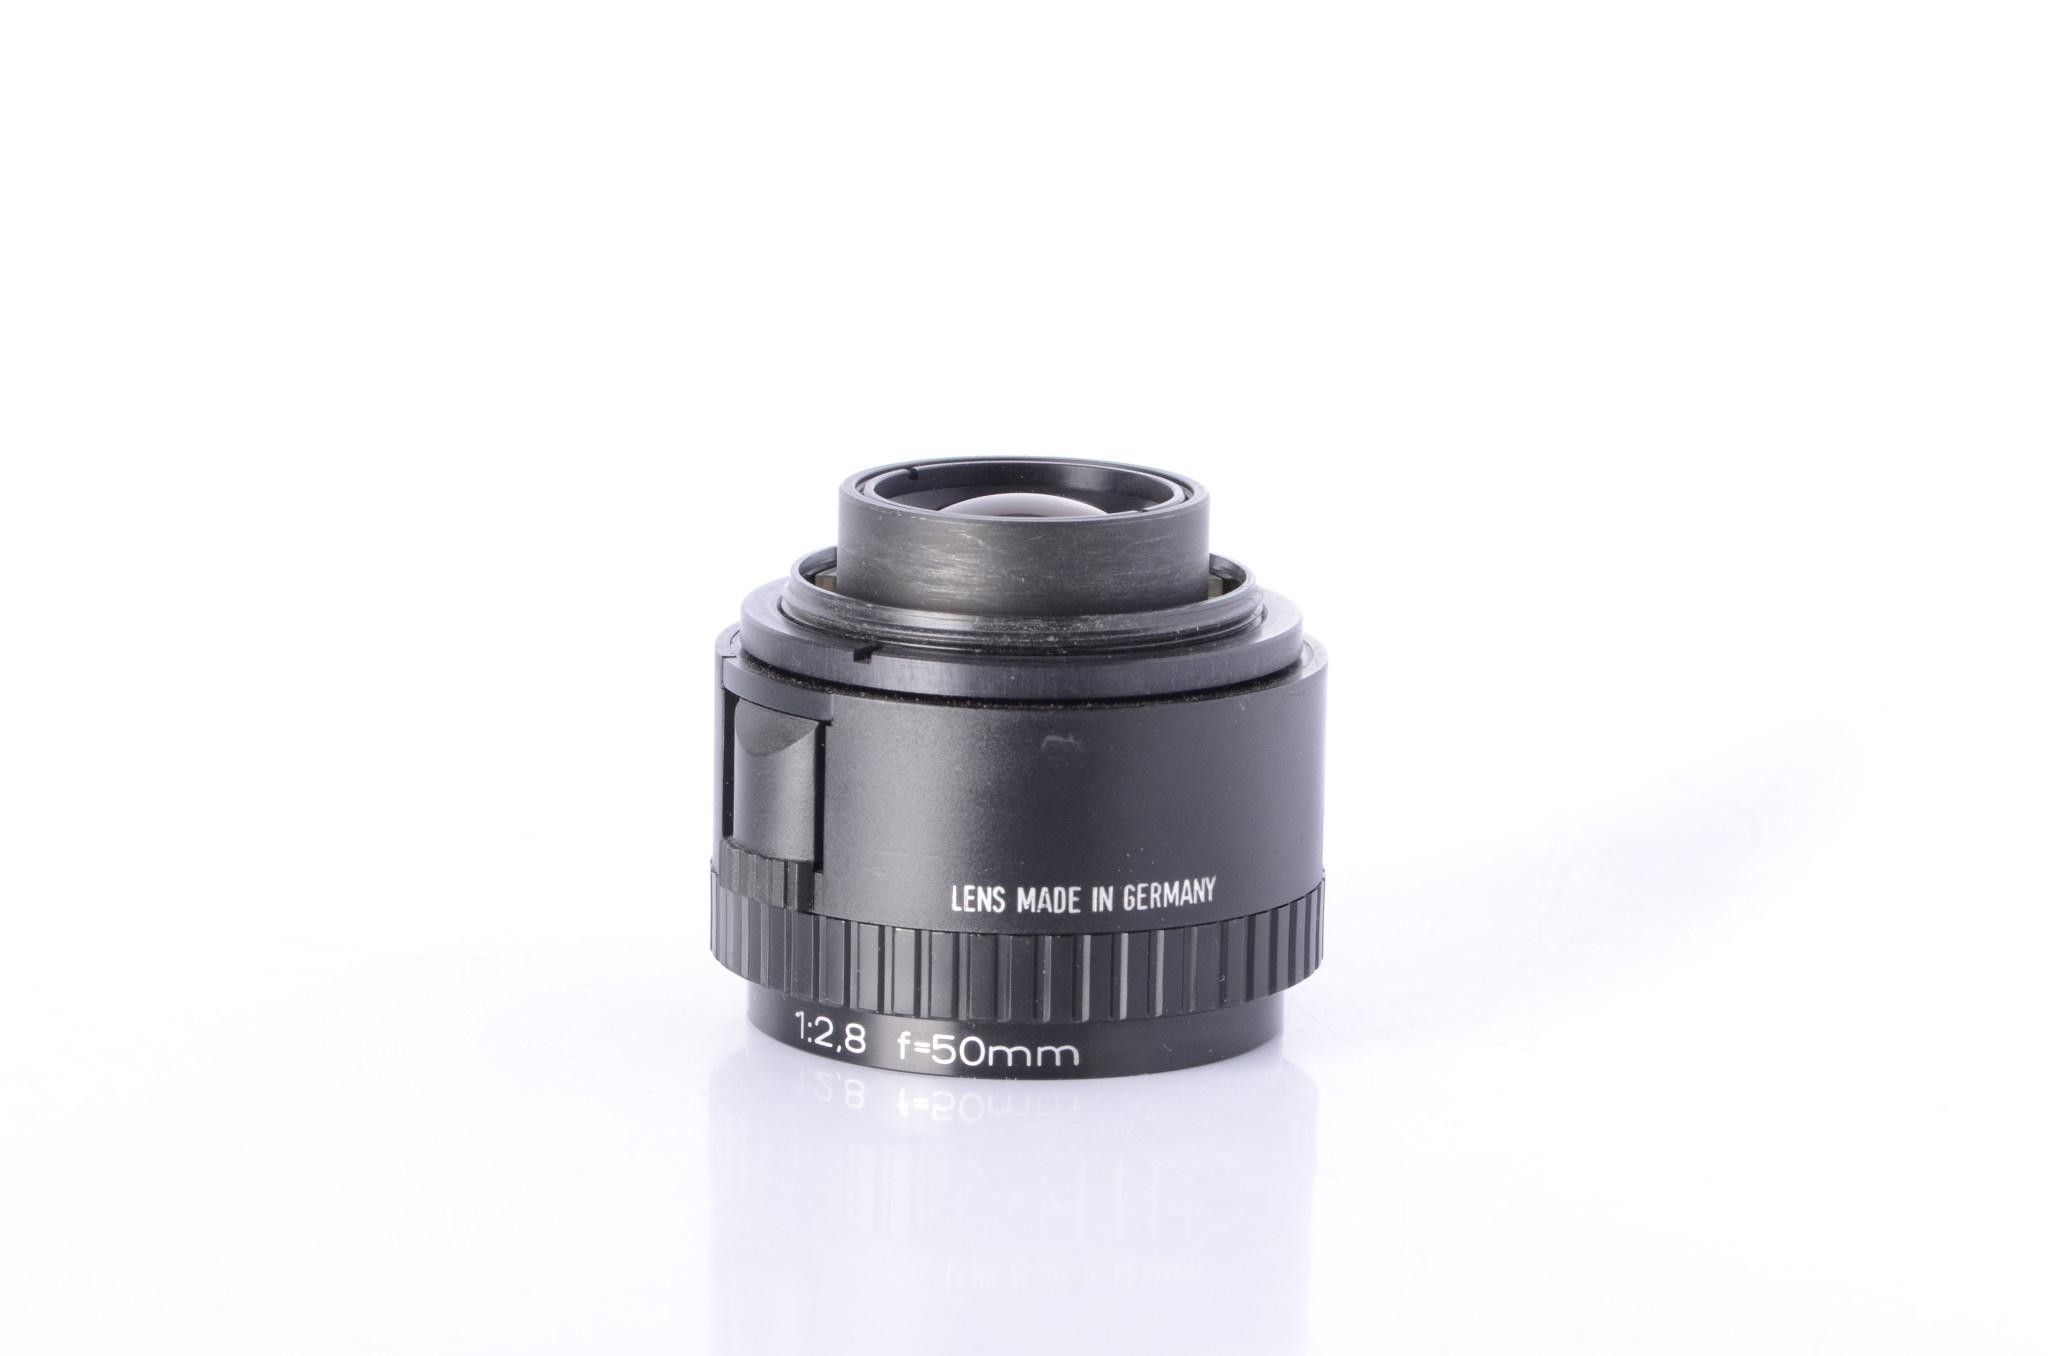 Beseler Beseler HD 50mm f/2.8 Enlarger Lens SN: 10913850